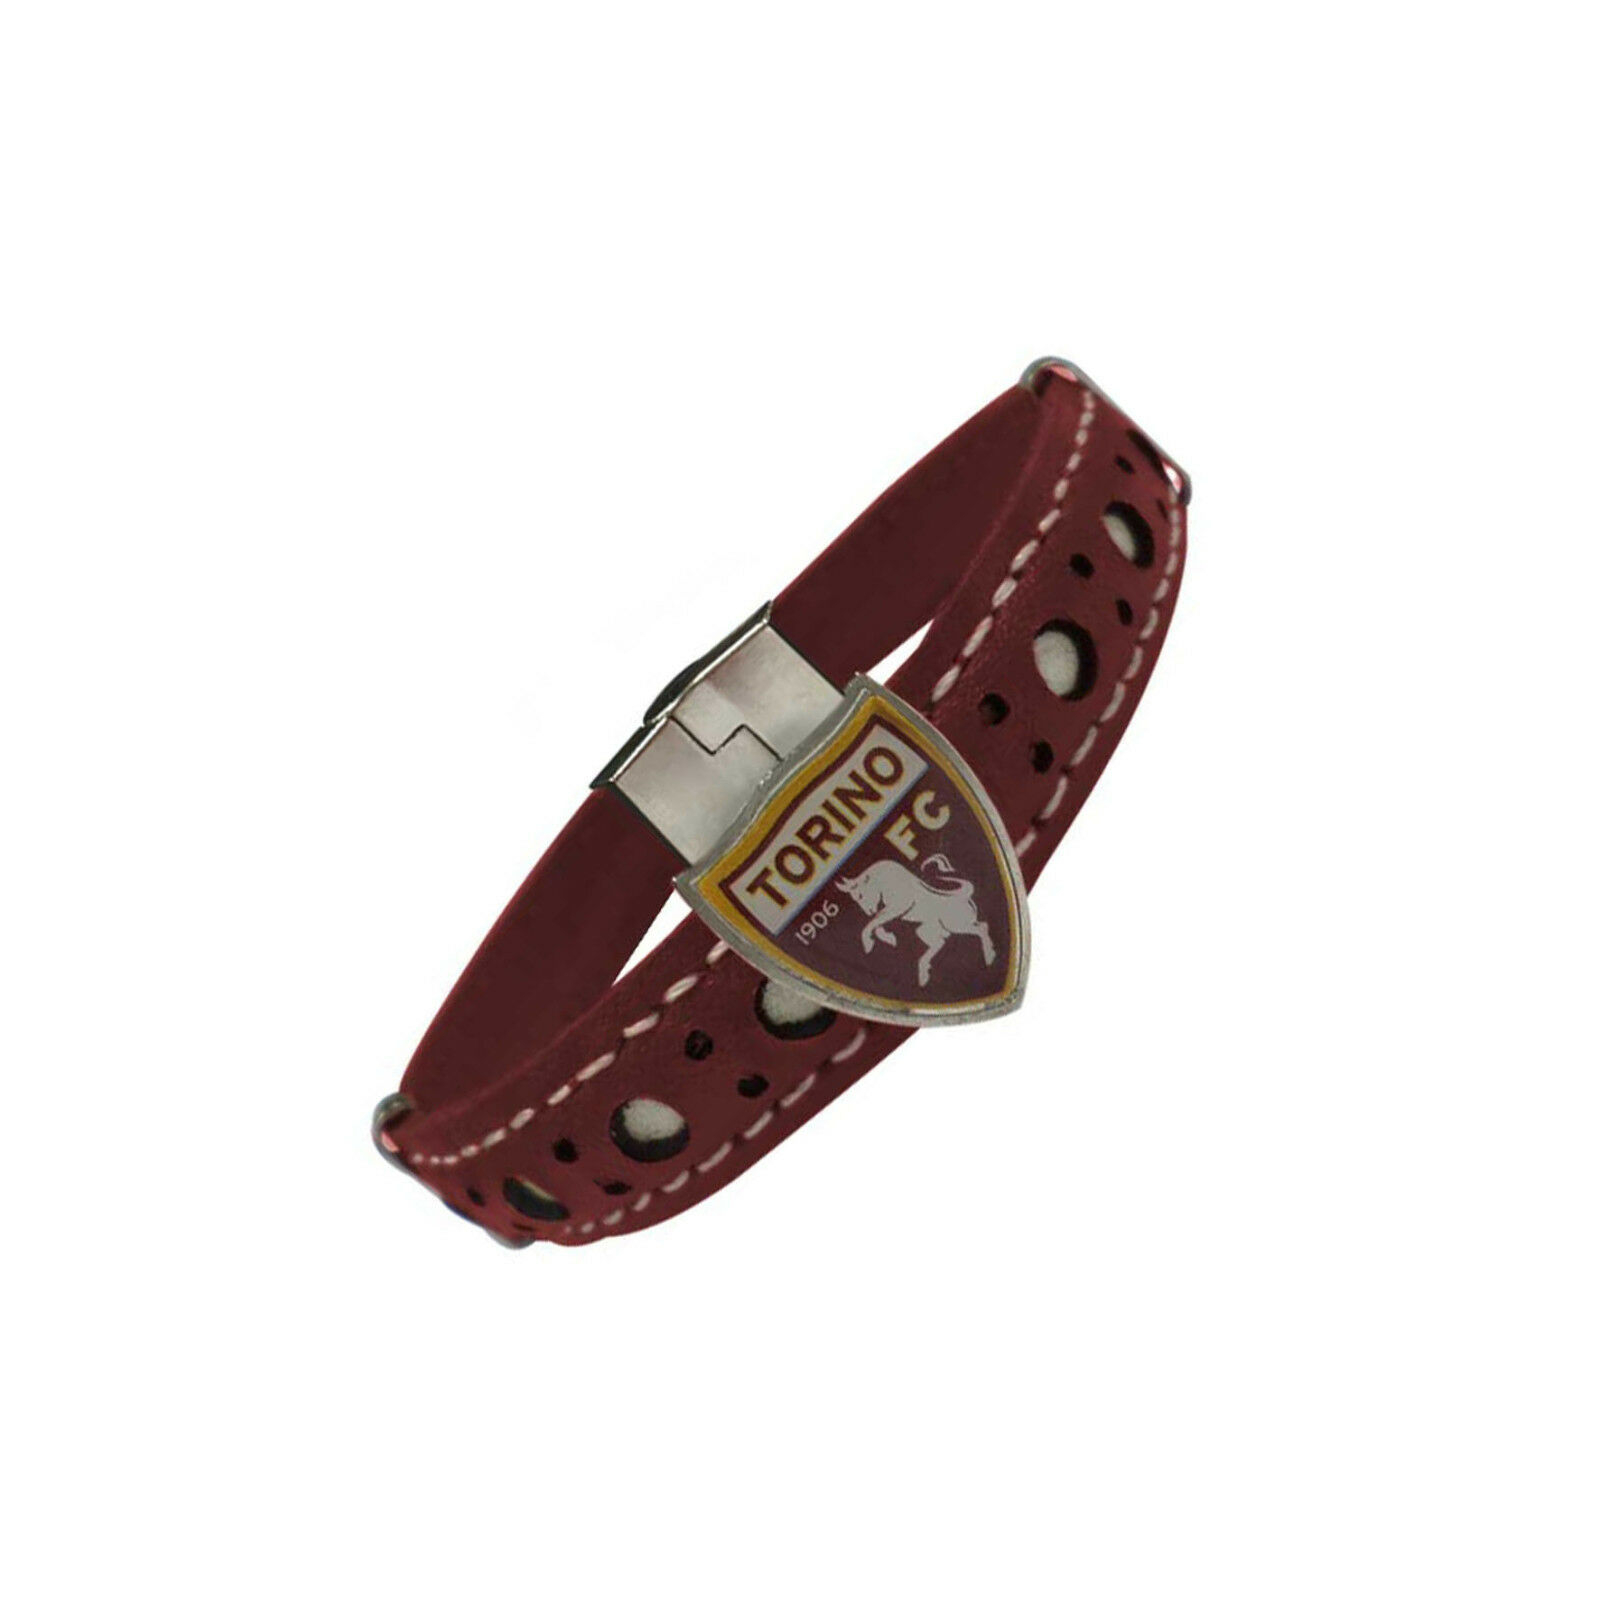 bracciale TORINO FC prod uff pelle GRANATA con stemma e chiusura con magnete